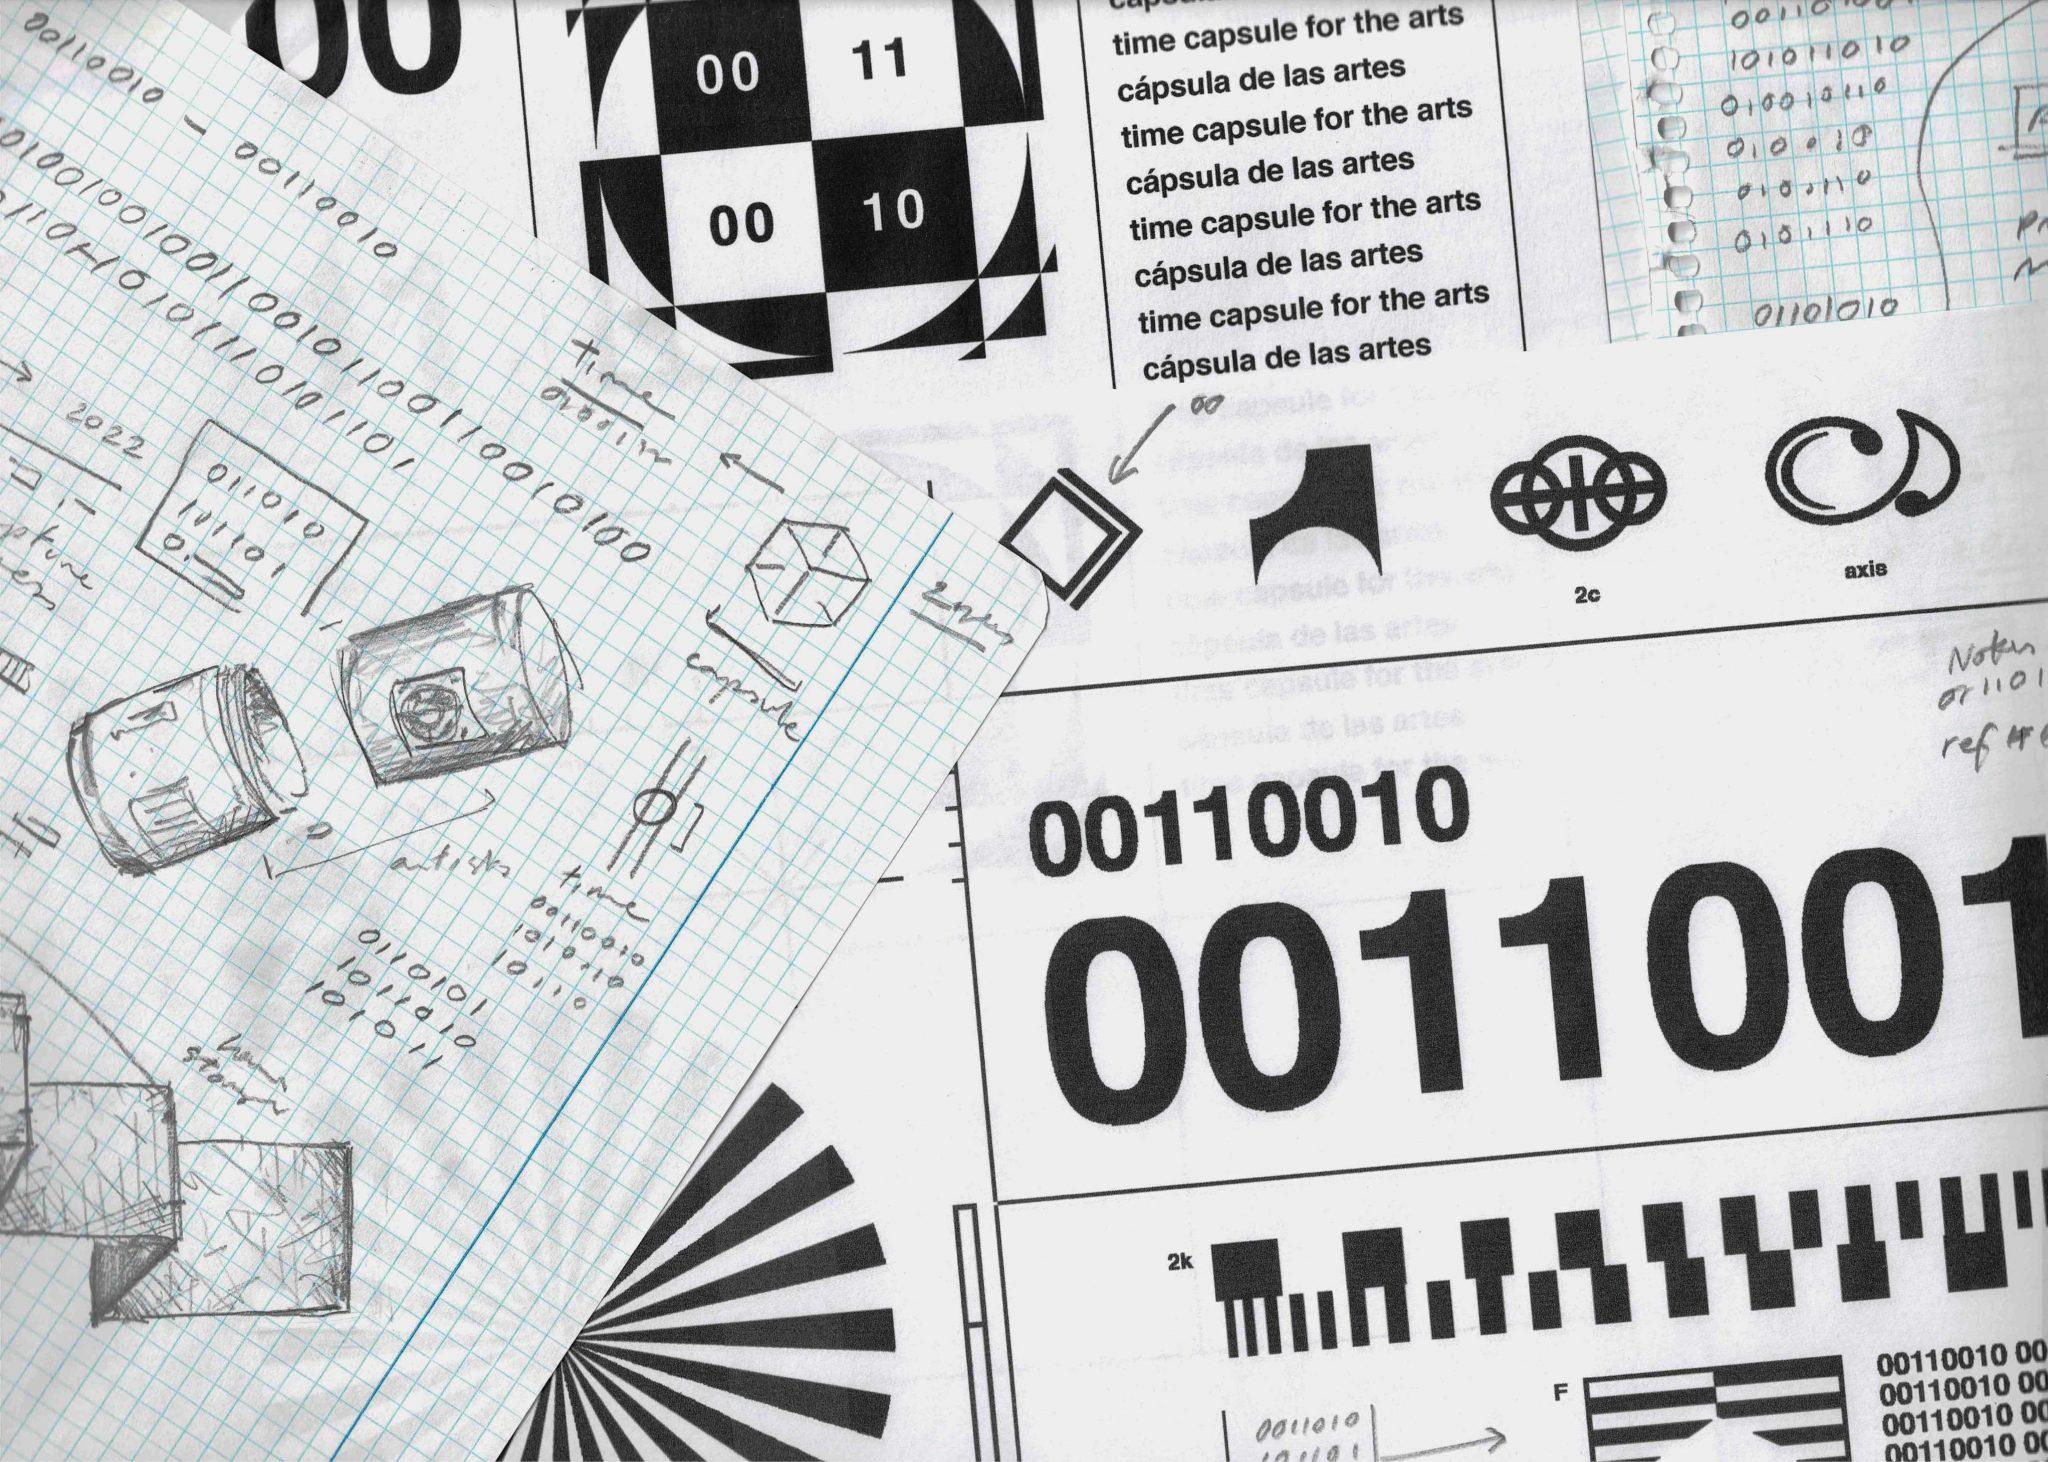 El enigma, los números y el tiempo protagonizan esta plataforma dirigida a artistas de todo el mundo. DA